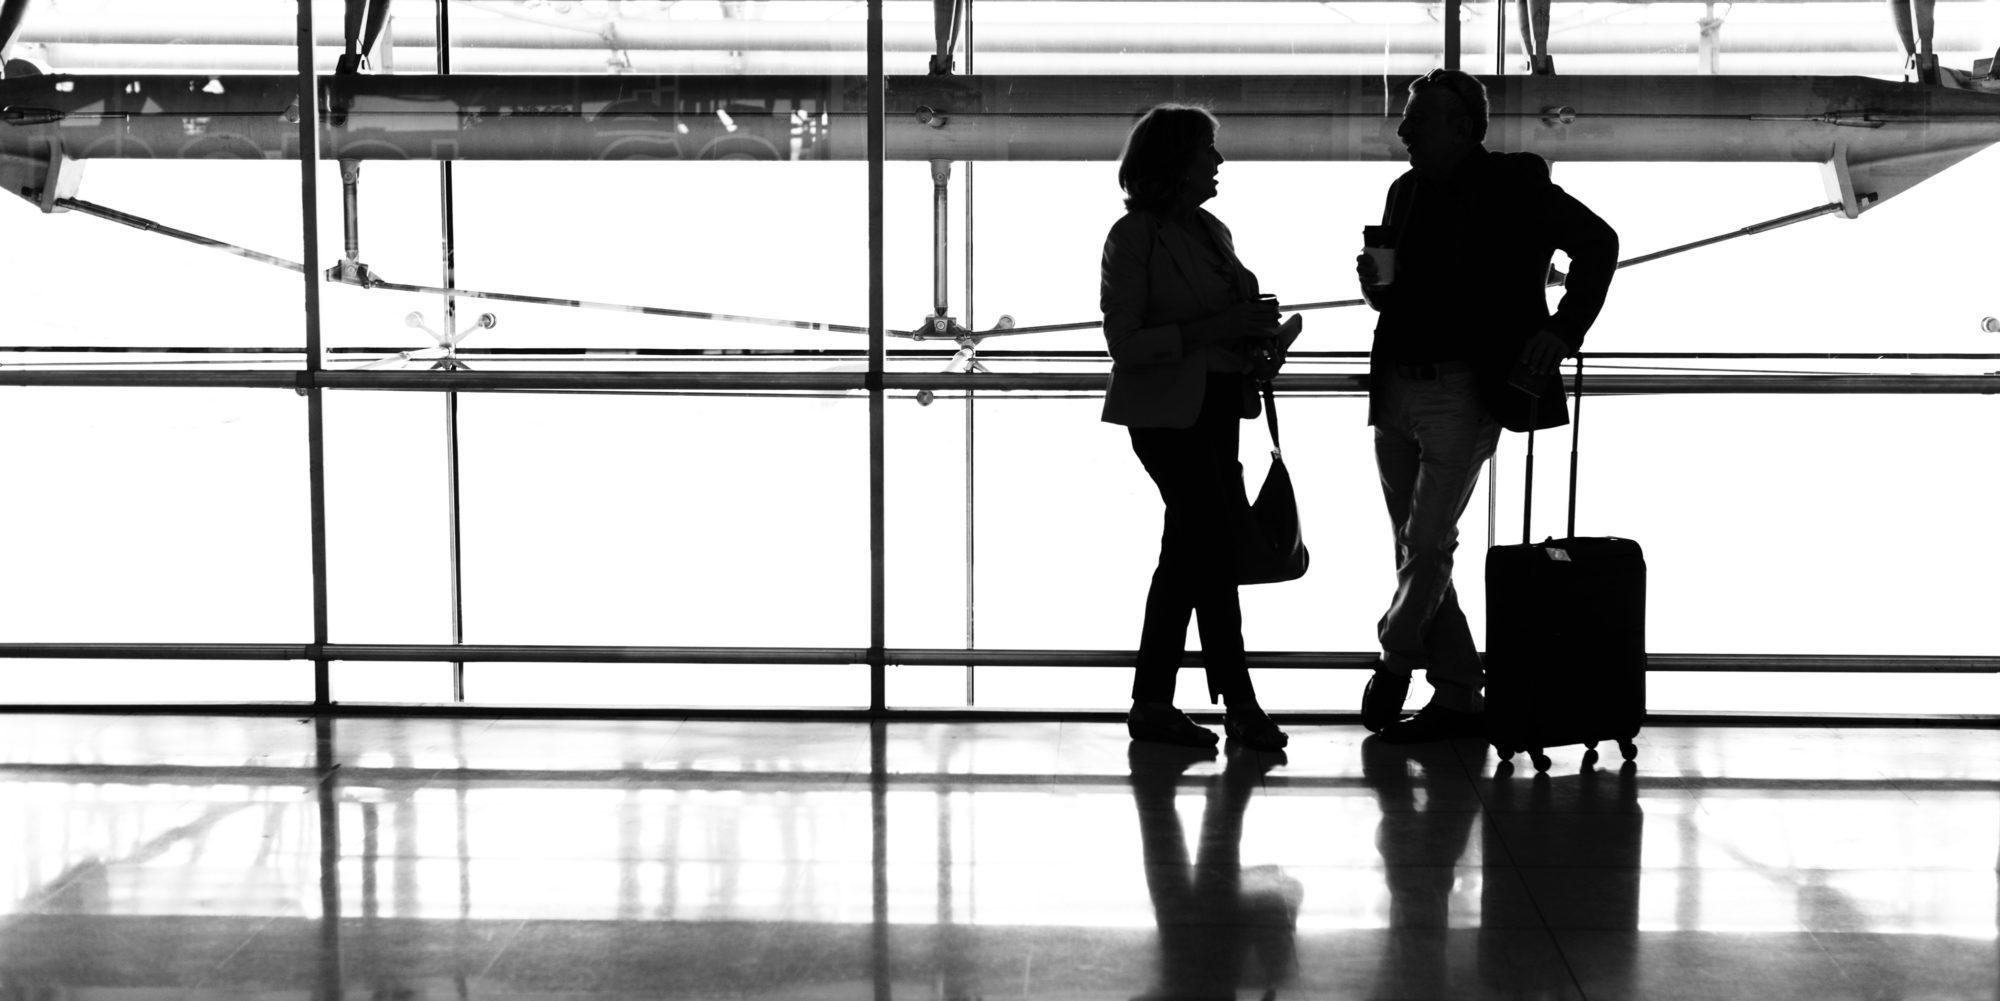 Avio kompanije pod istragom zbog algoritama pomoću kojih razdvajaju sedišta saputnika kako bi putnici bili primorani na doplatu za spajanje sedišta